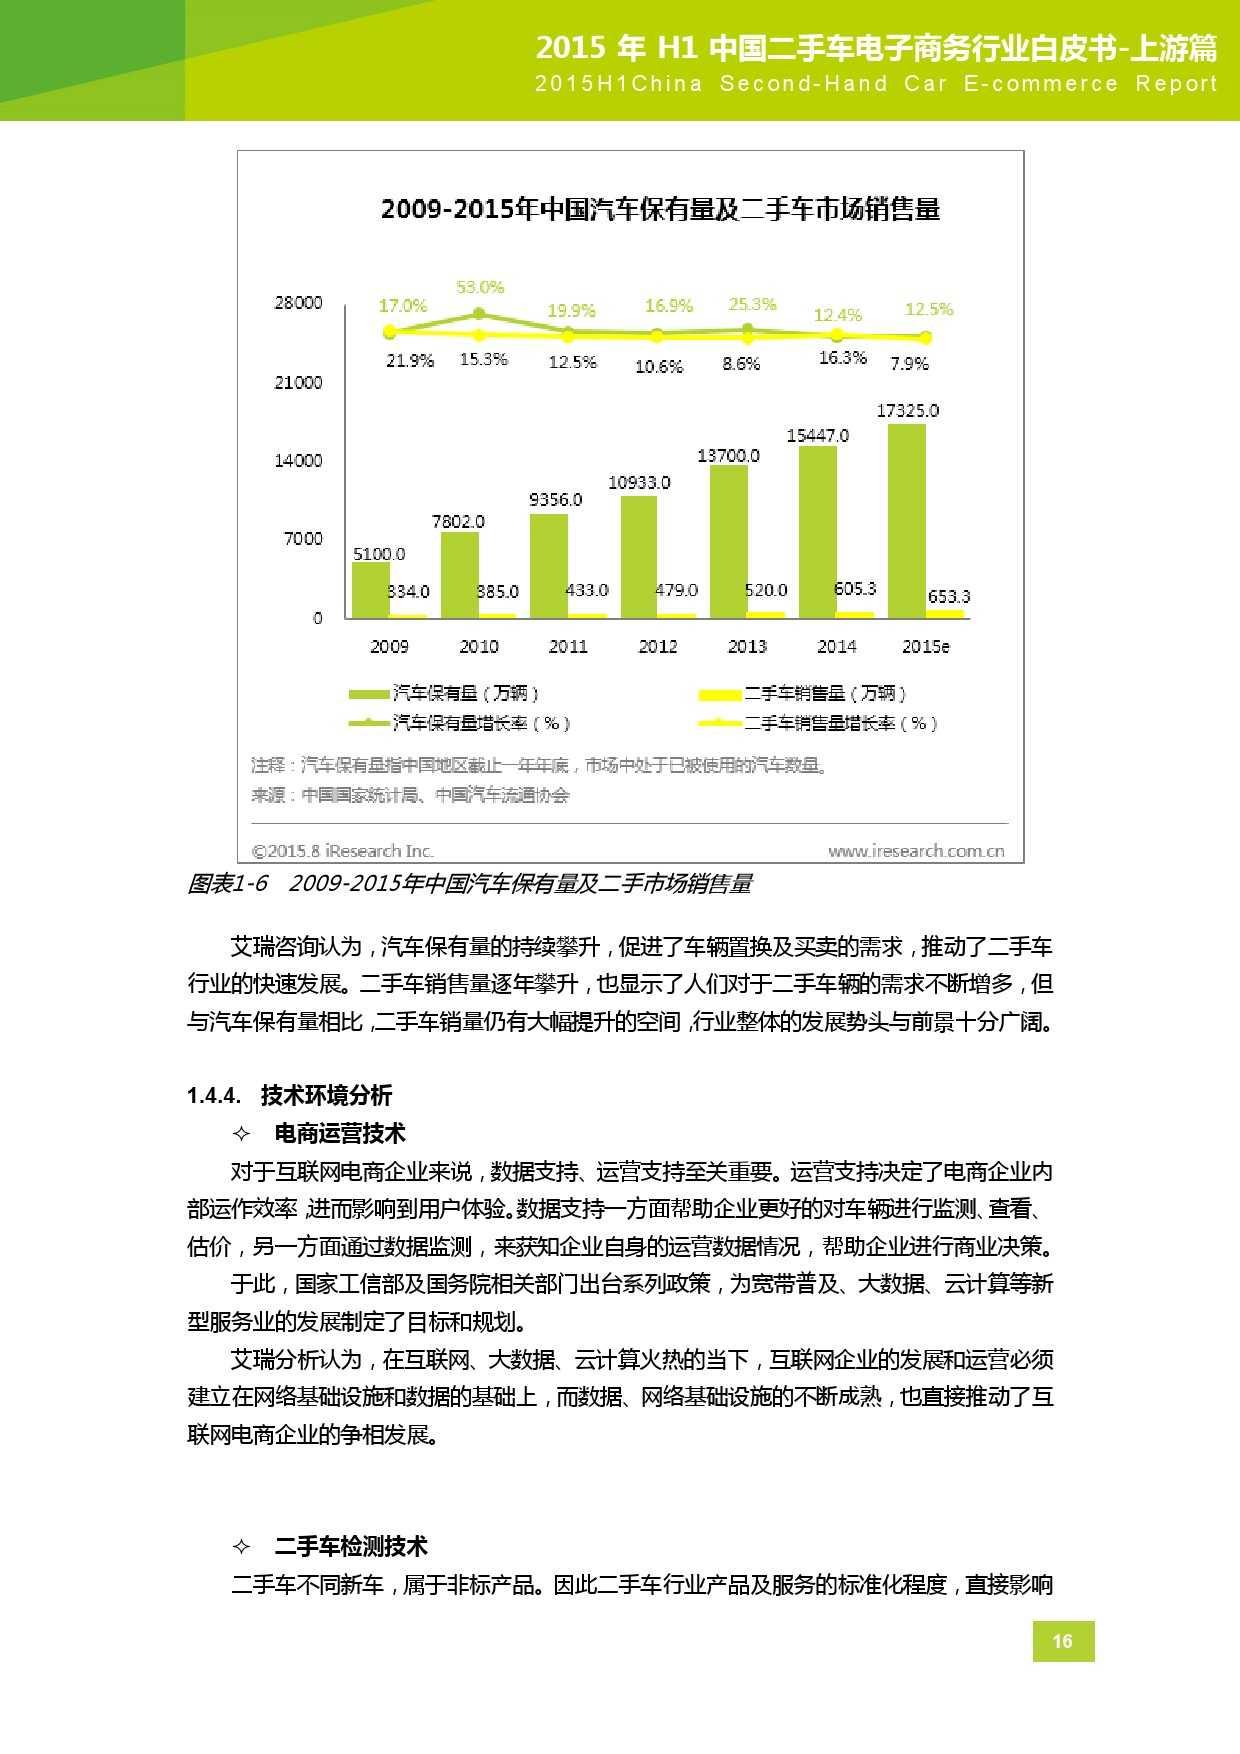 2015年中国二手车电子商务行业白皮书-上游篇_000017